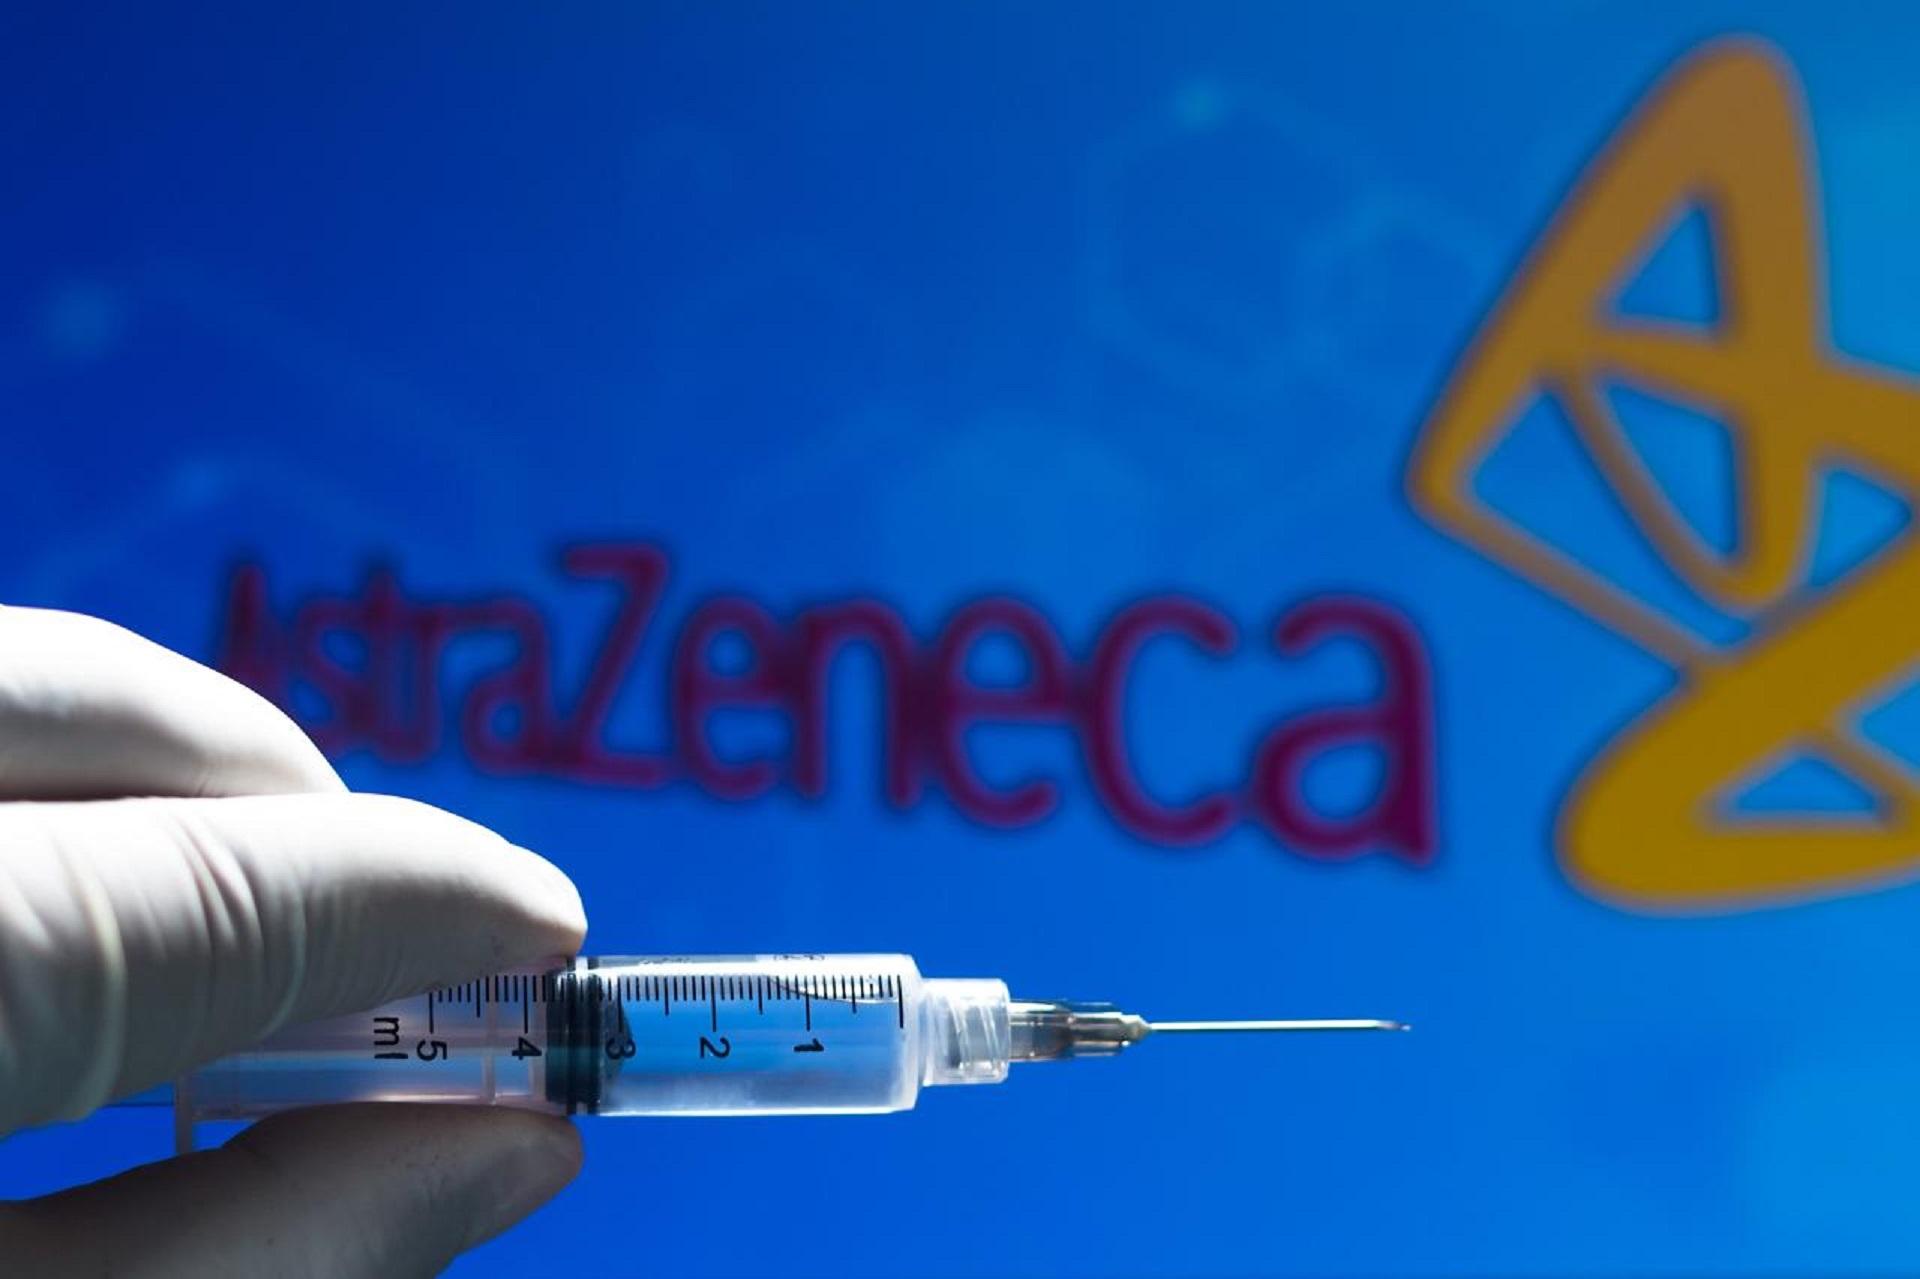 Il vaccino di AstraZeneca solo agli under 65: la decisione del governo tedesco alla vigilia del verdetto dell'Ema